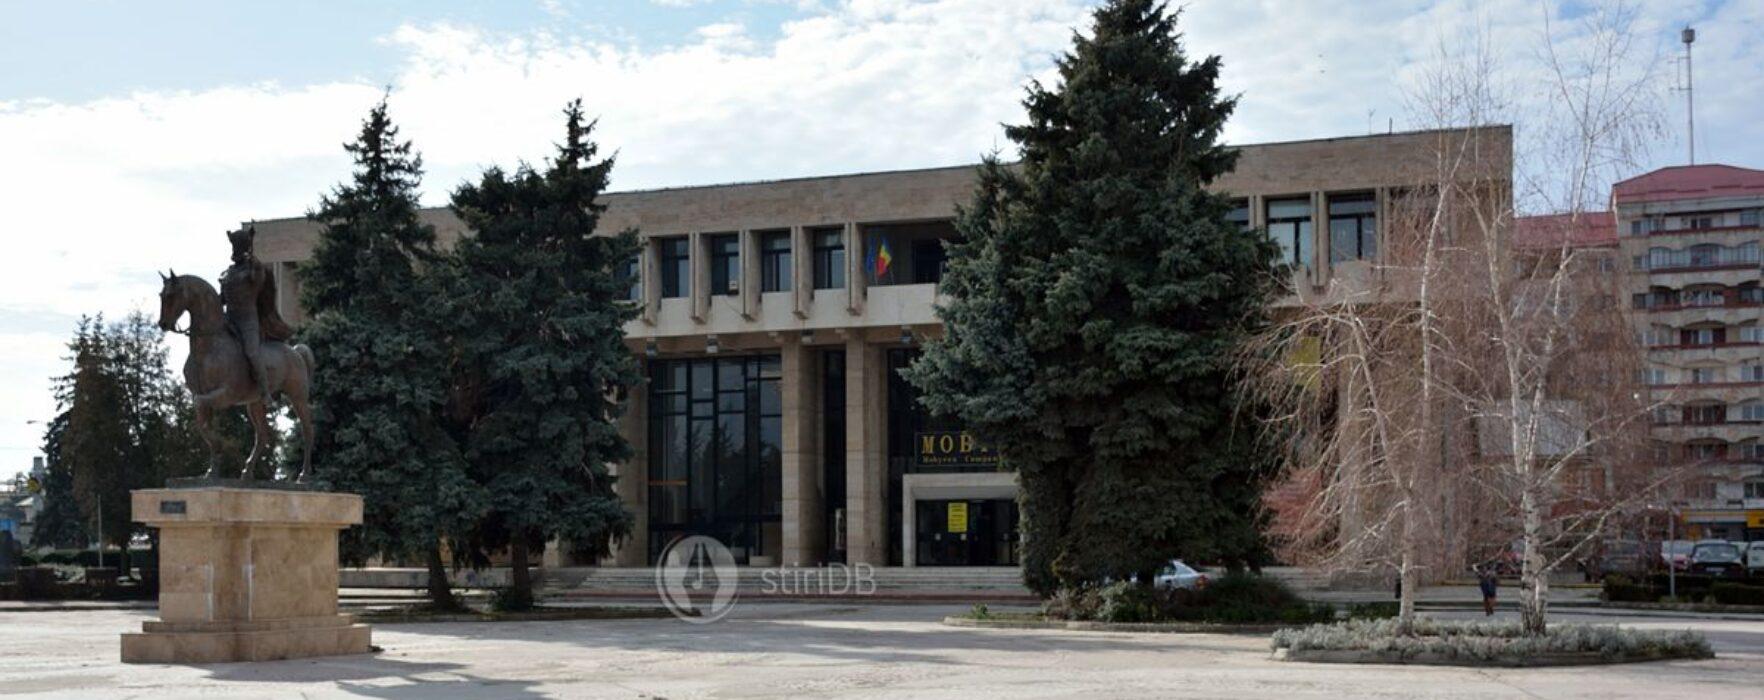 CJ Dâmboviţa va repara Casa Sindicatelor din Târgovişte şi va deveni coproprietar